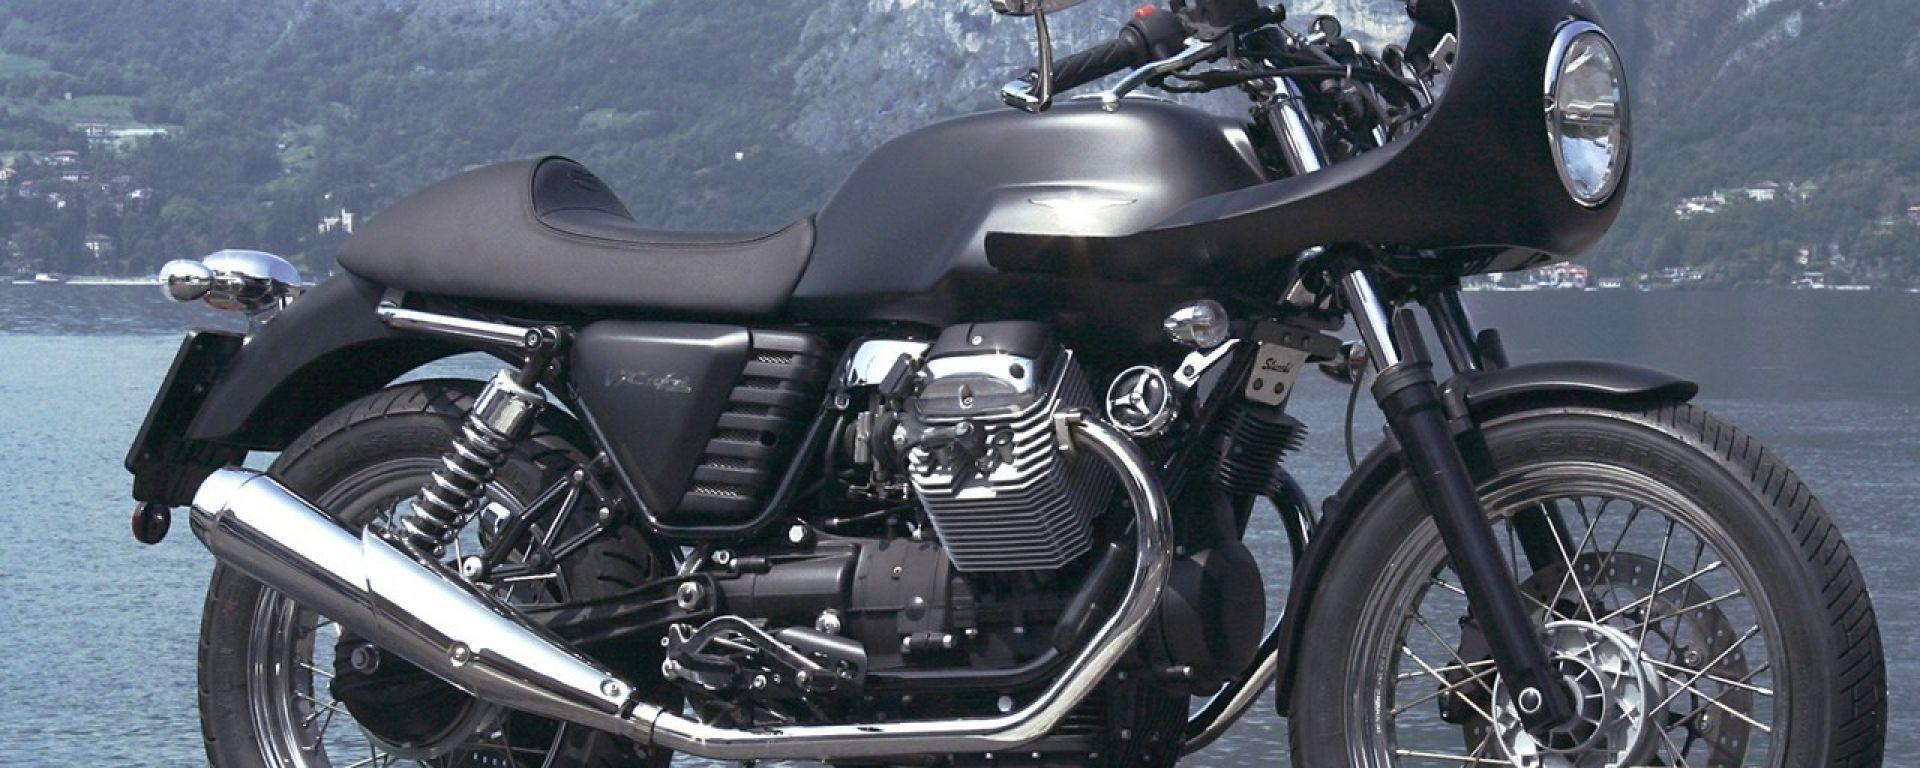 special moto guzzi v7 caf racer motorbox. Black Bedroom Furniture Sets. Home Design Ideas